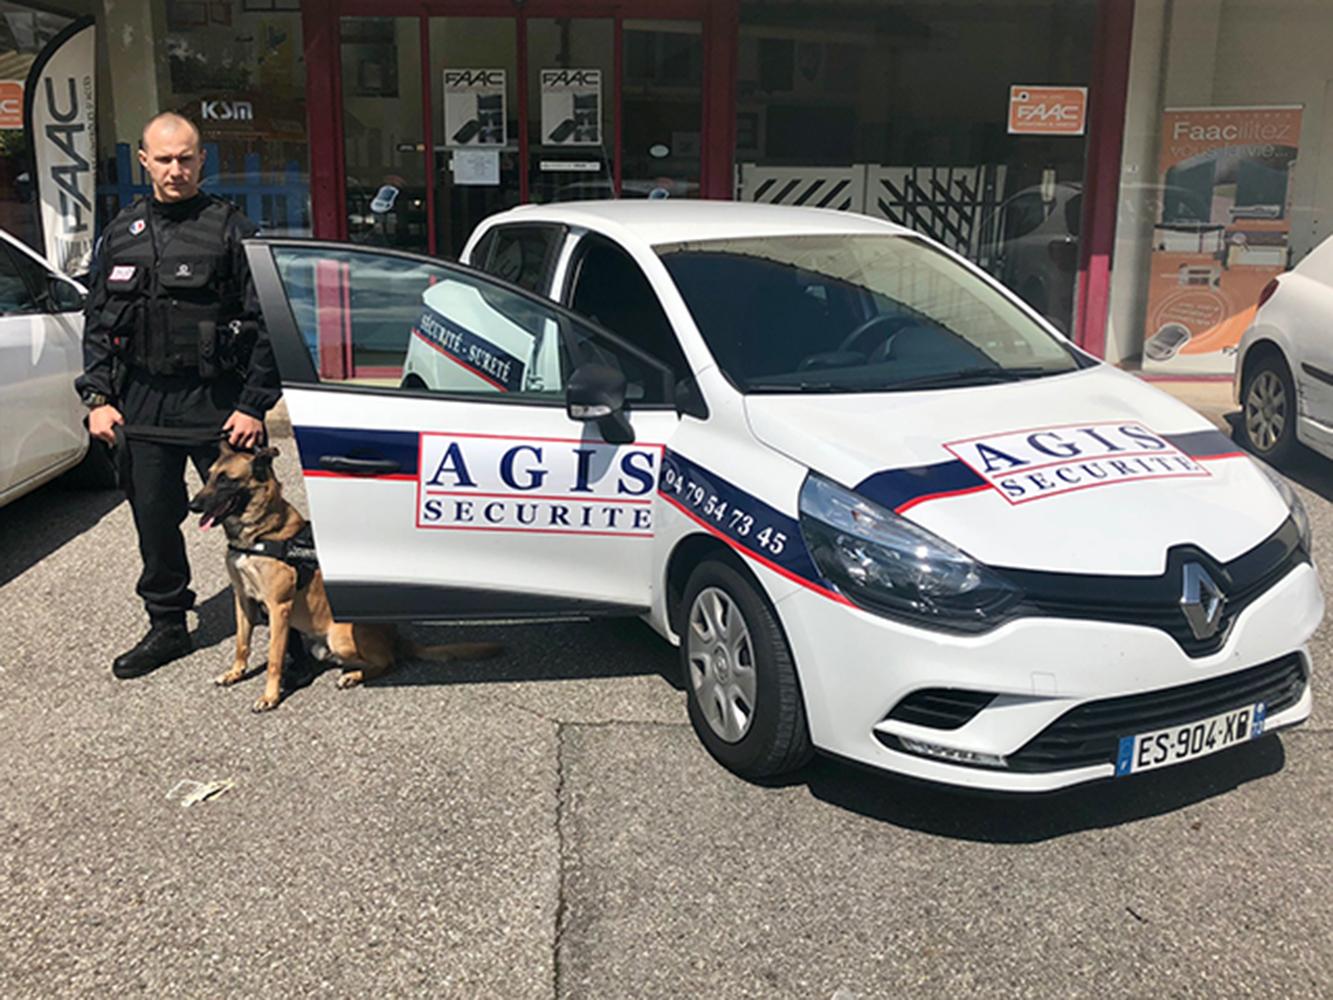 AGIS Securite - Vehicules intervention (